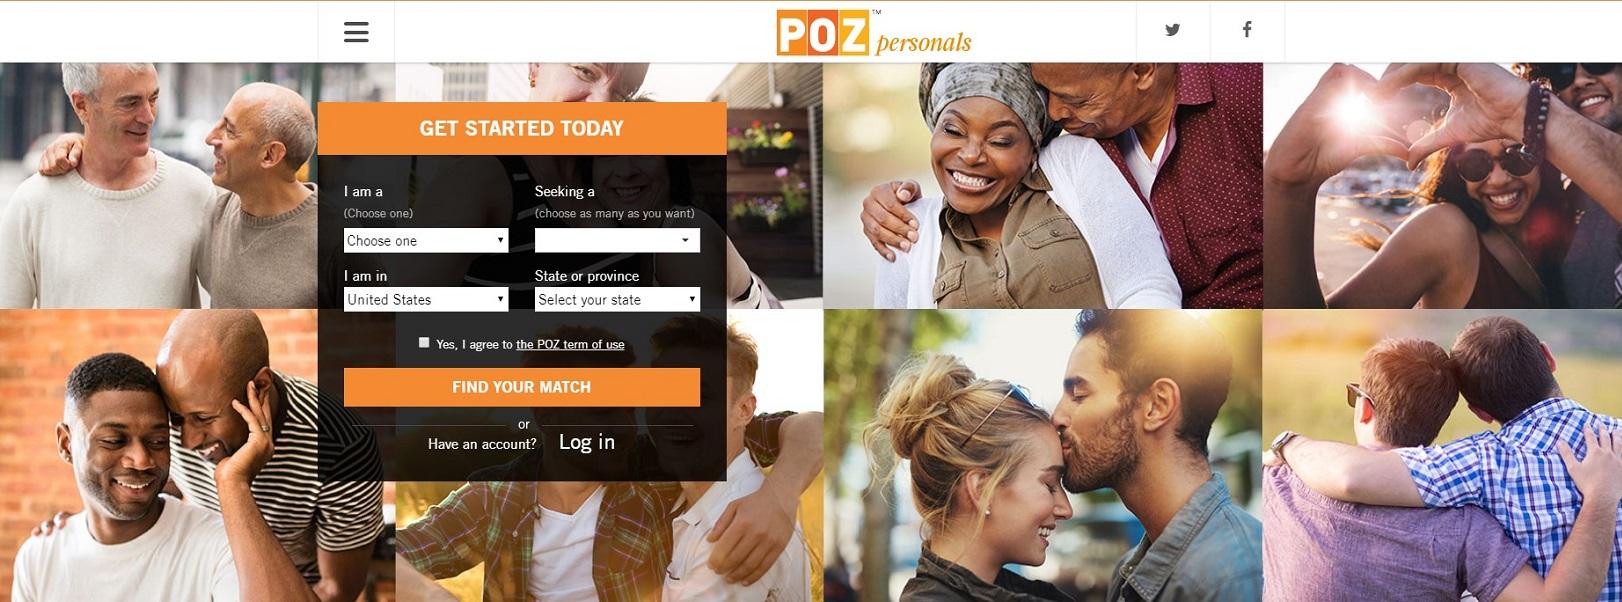 Thông tin tổng quan, khó khăn và kết quả đạt được của dự án POZ Personals